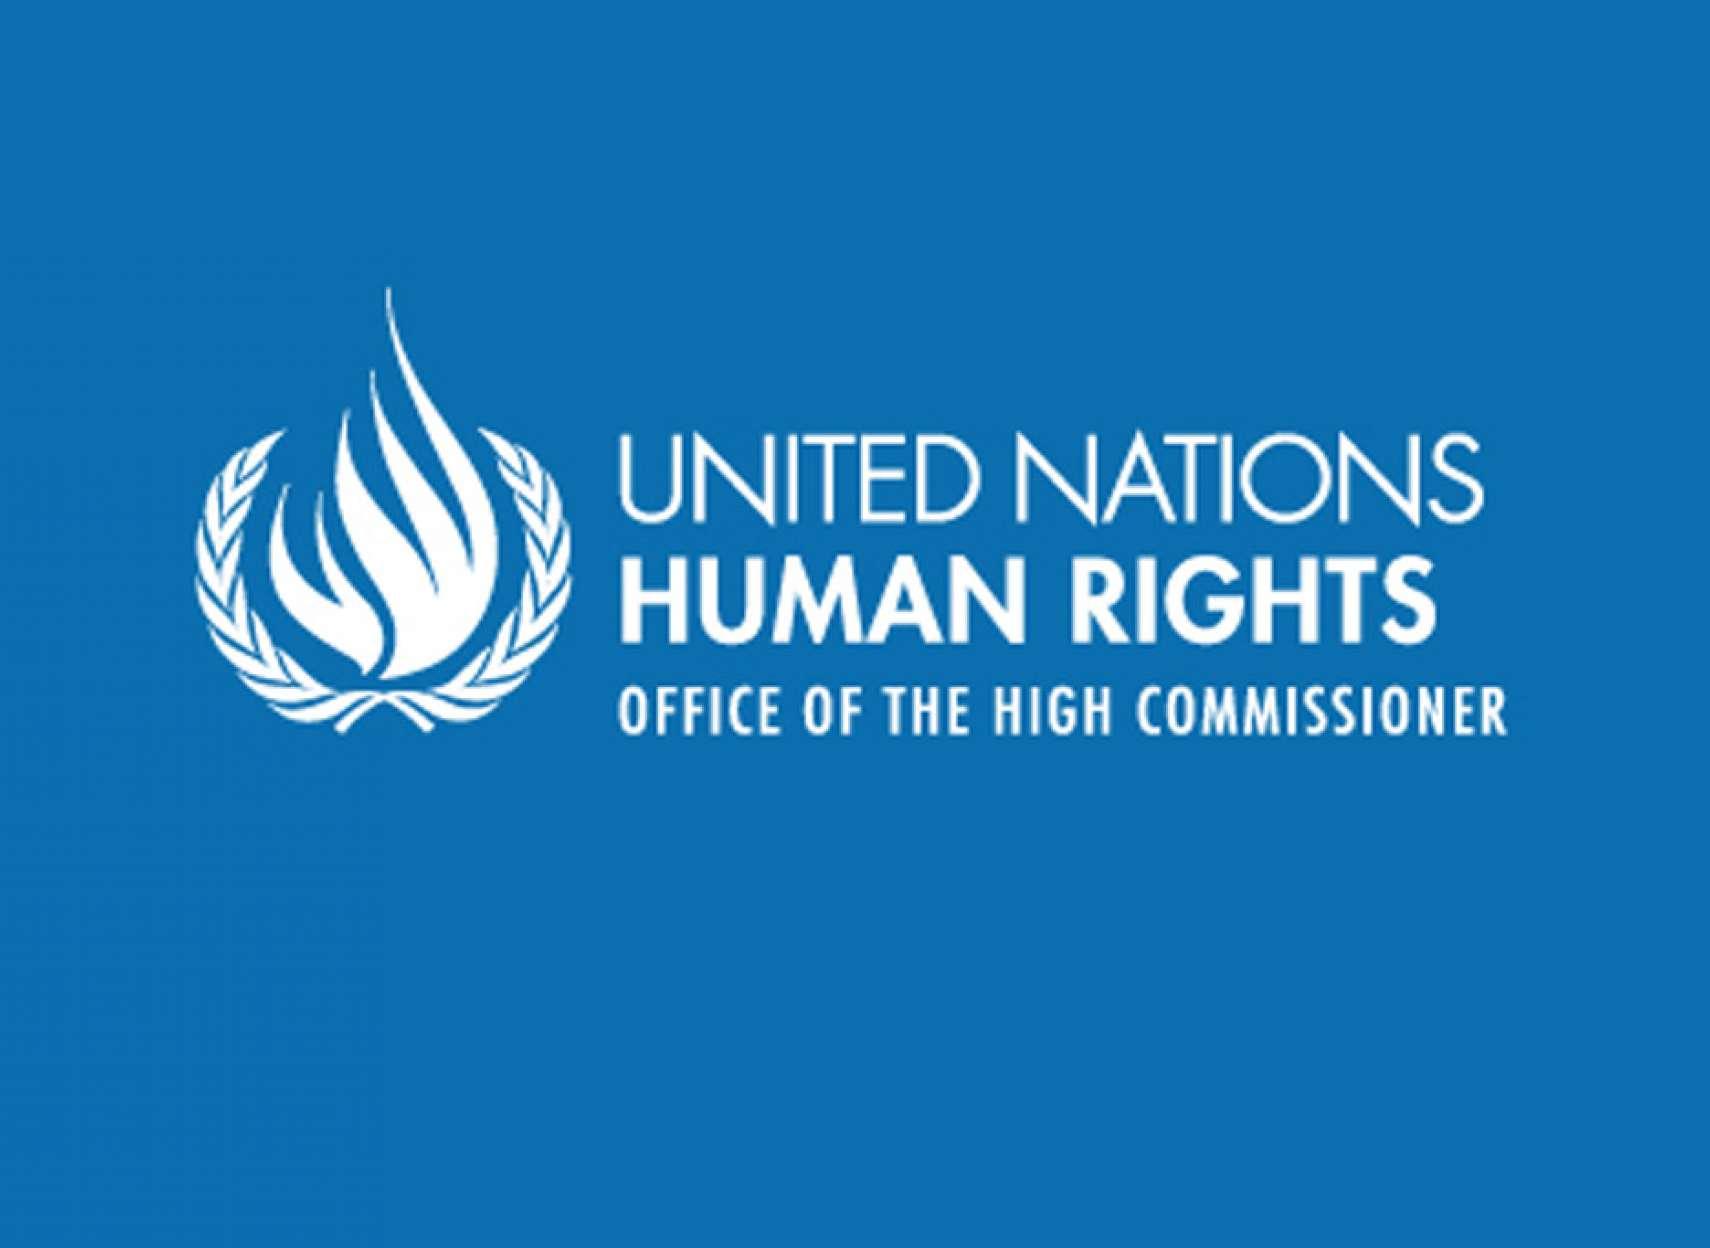 تحریمهای-آمریکا-نقض-حقوق-بشر-و-عرف-بینالمللی-است-جهان-اخبار